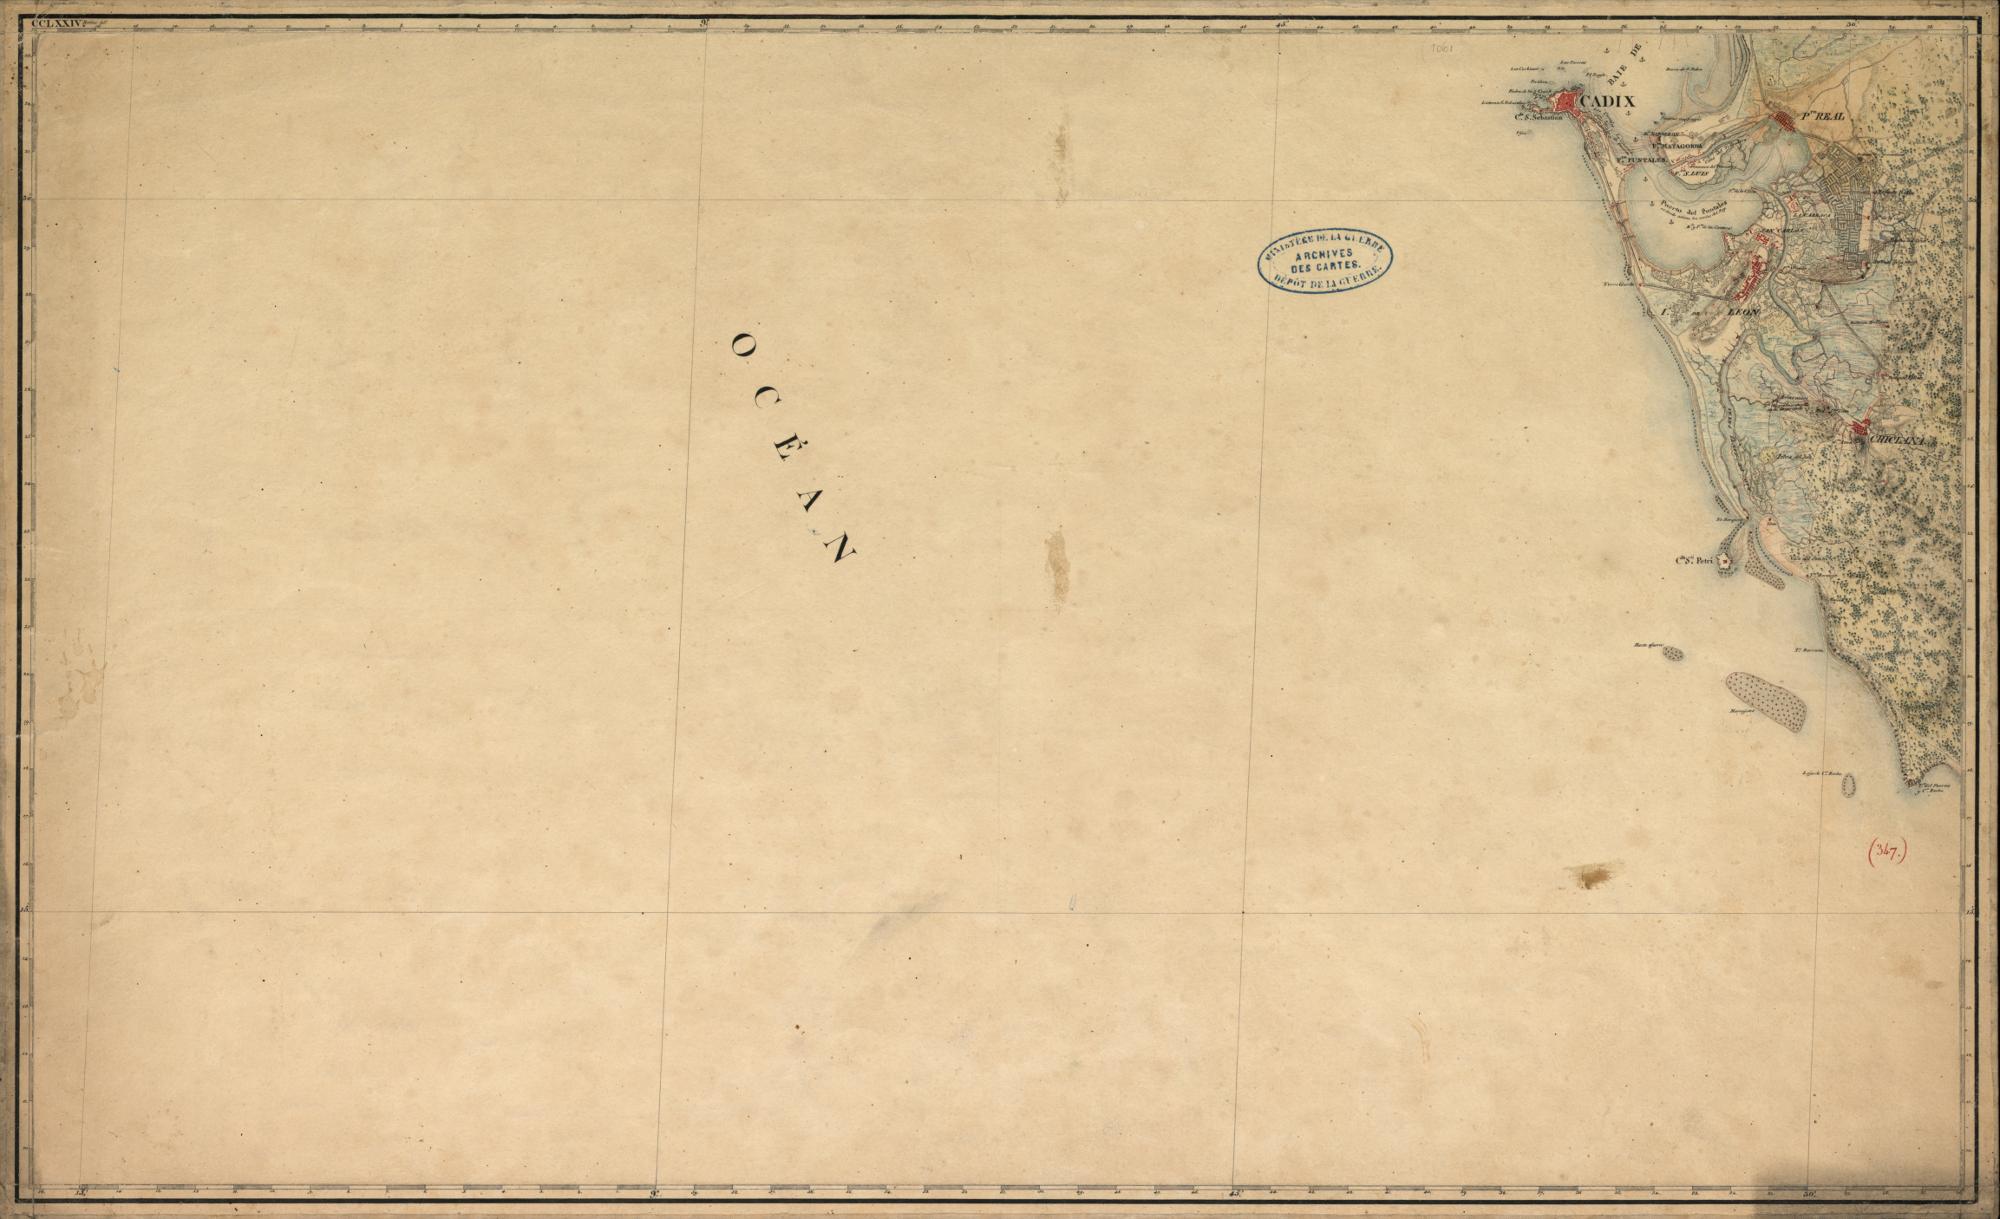 el proyecto del ejército francés - Cádiz